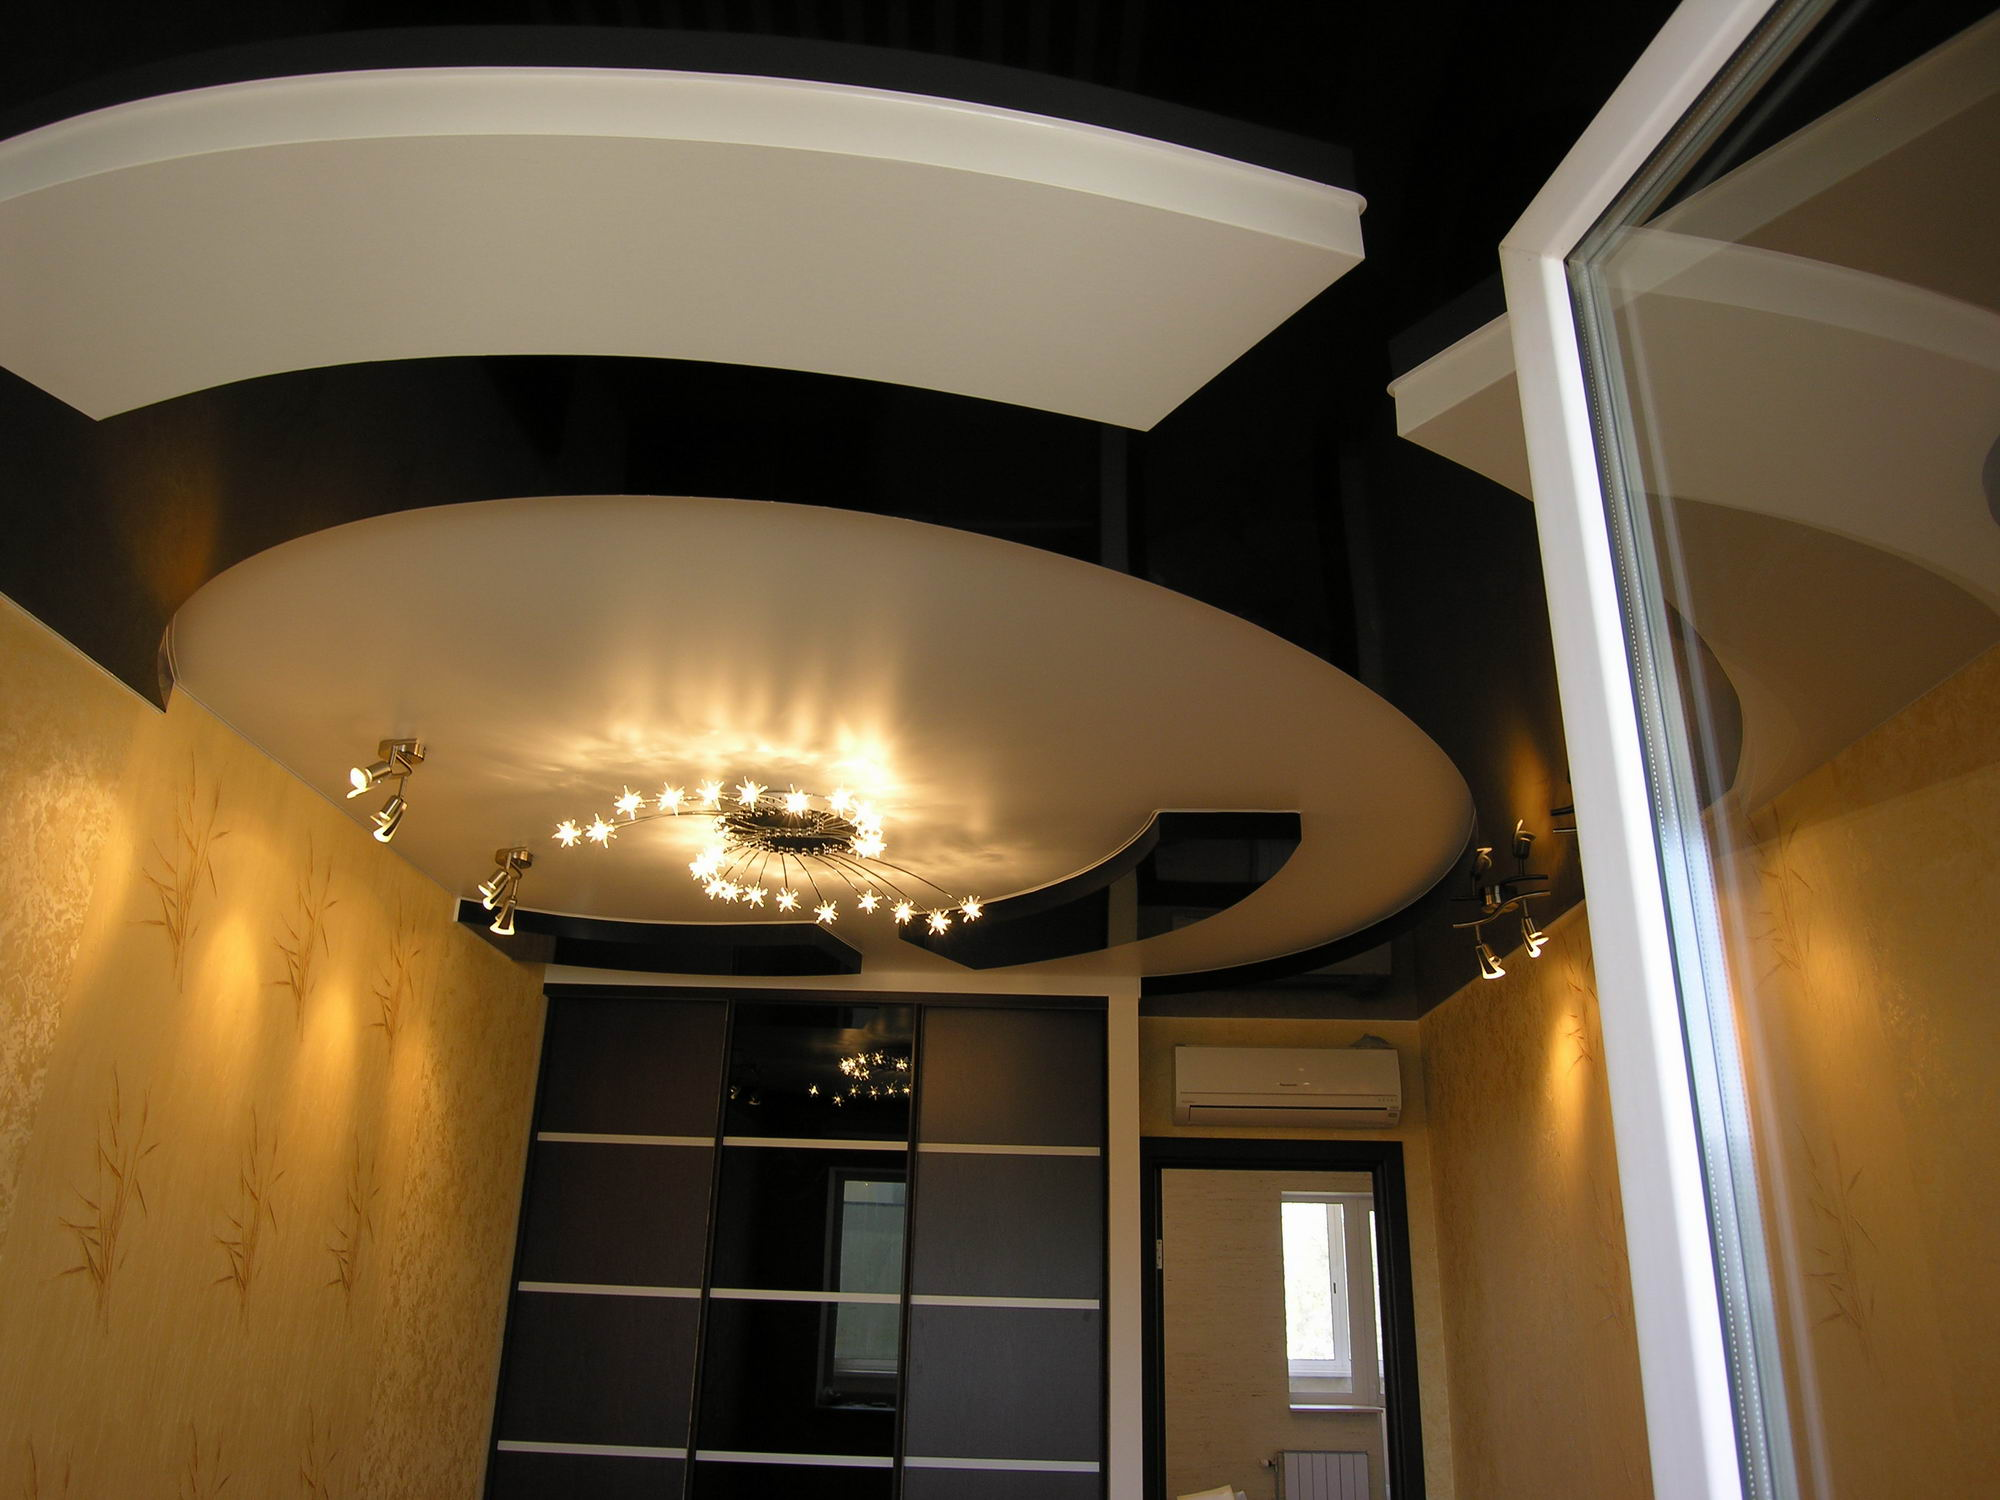 Faux plafond bois ajoure - Suspente placo plafond ...